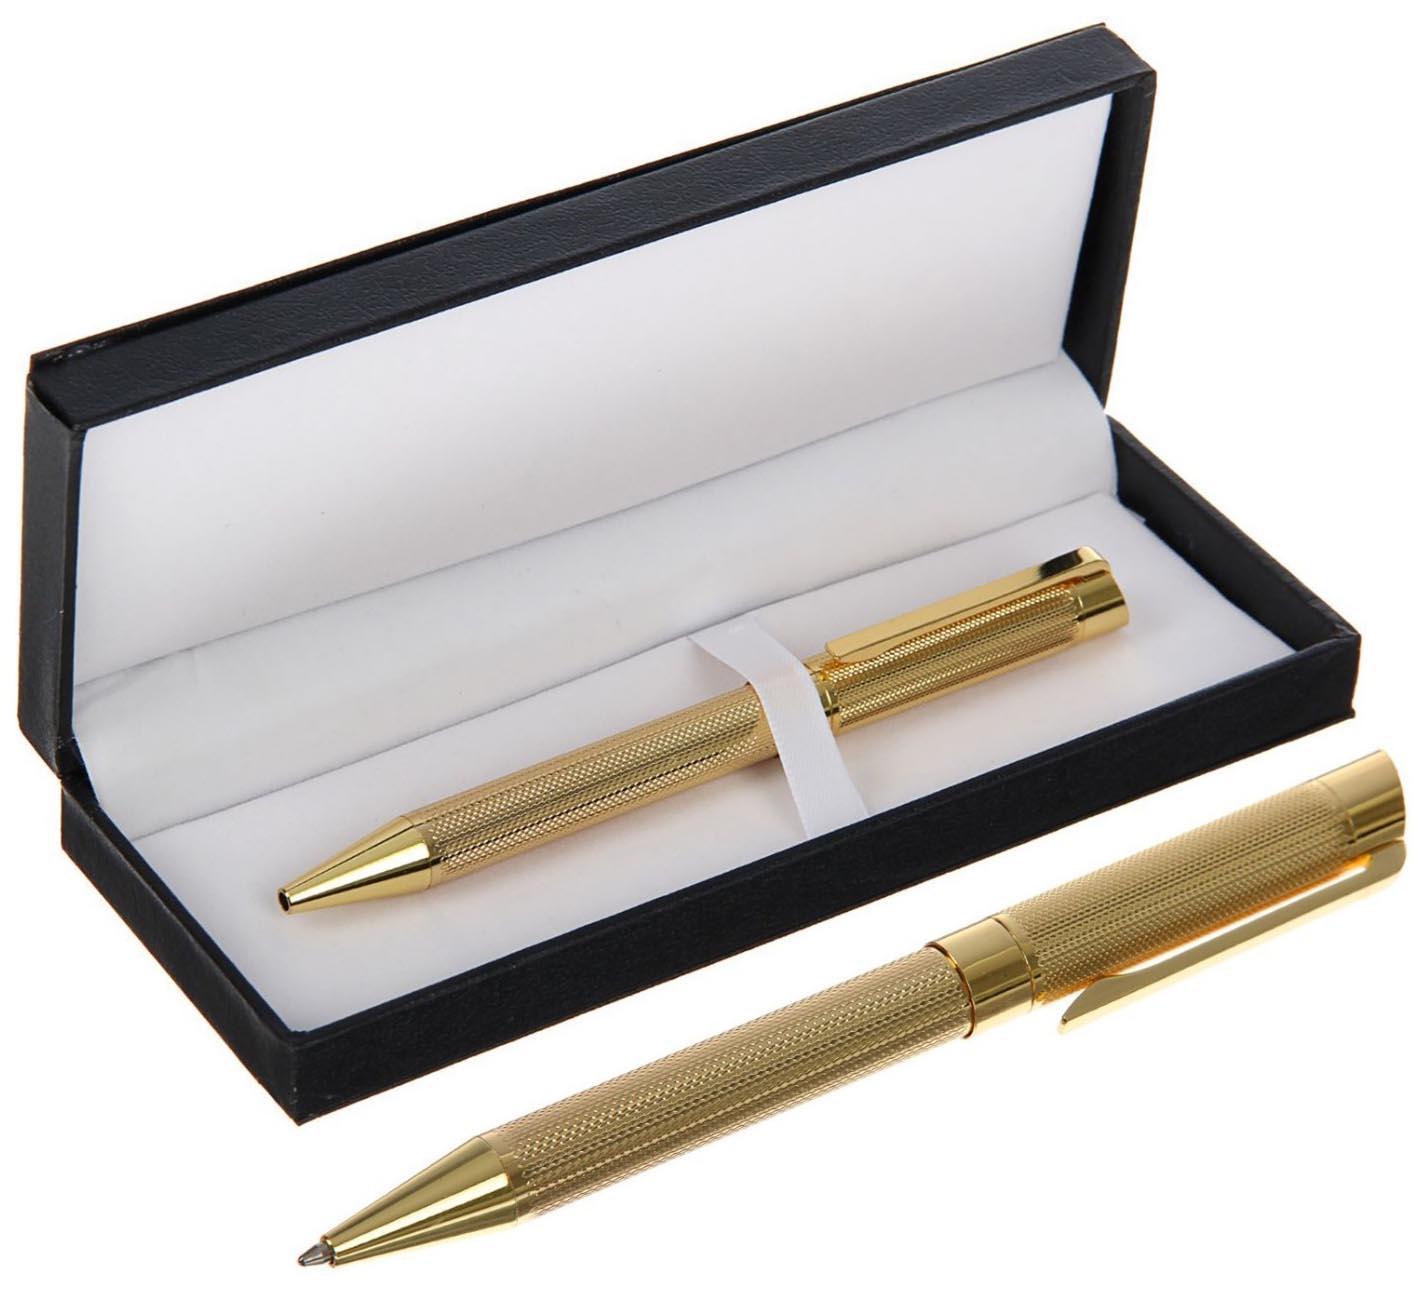 подарок ручка мужчине фото признаках направления том